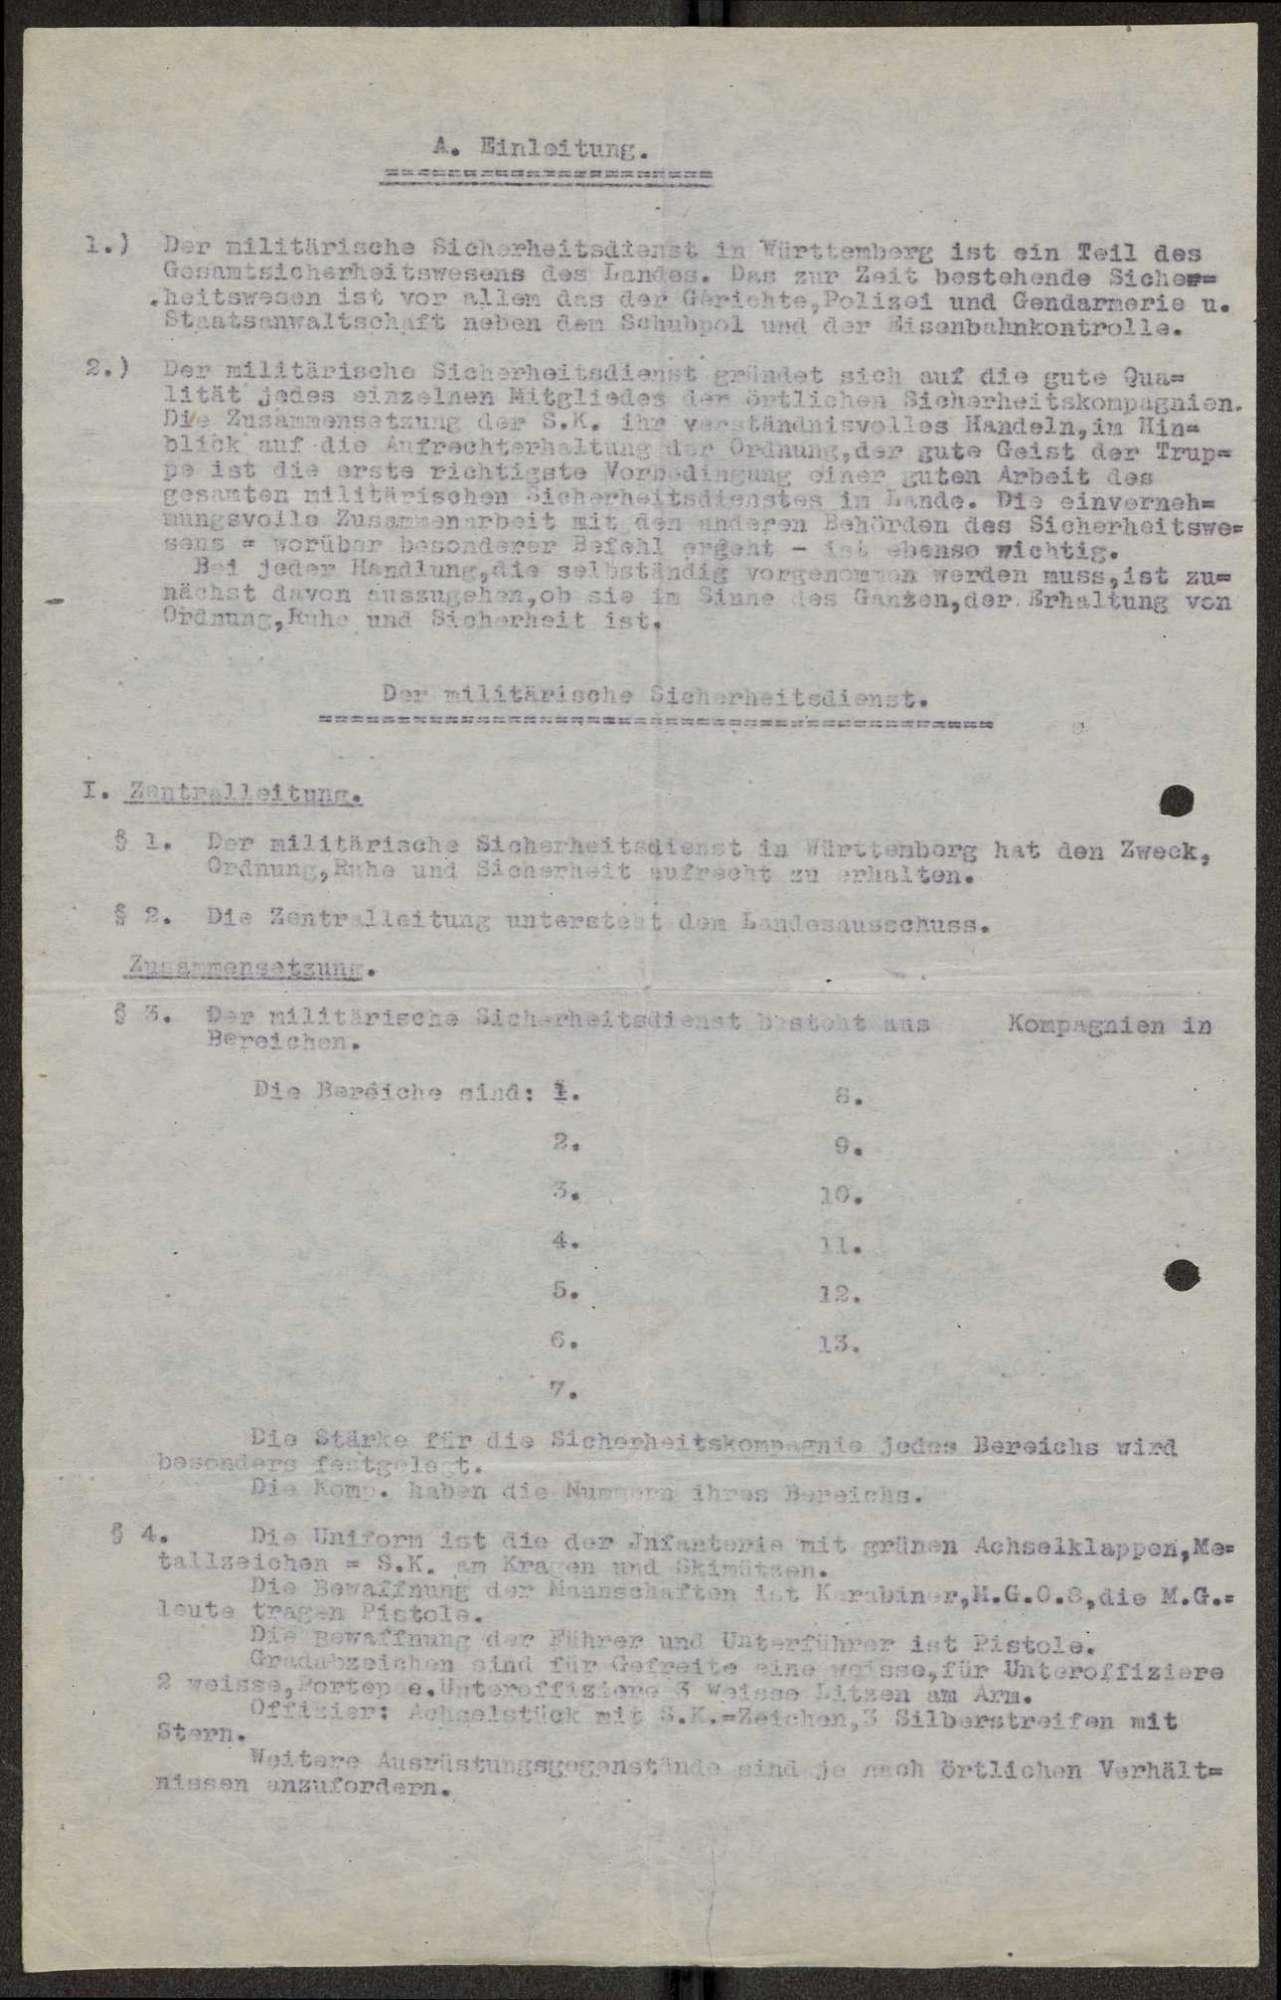 Aufbau, Organisation und Verwaltung des Sicherheitsdienstes in Württemberg, Bild 3